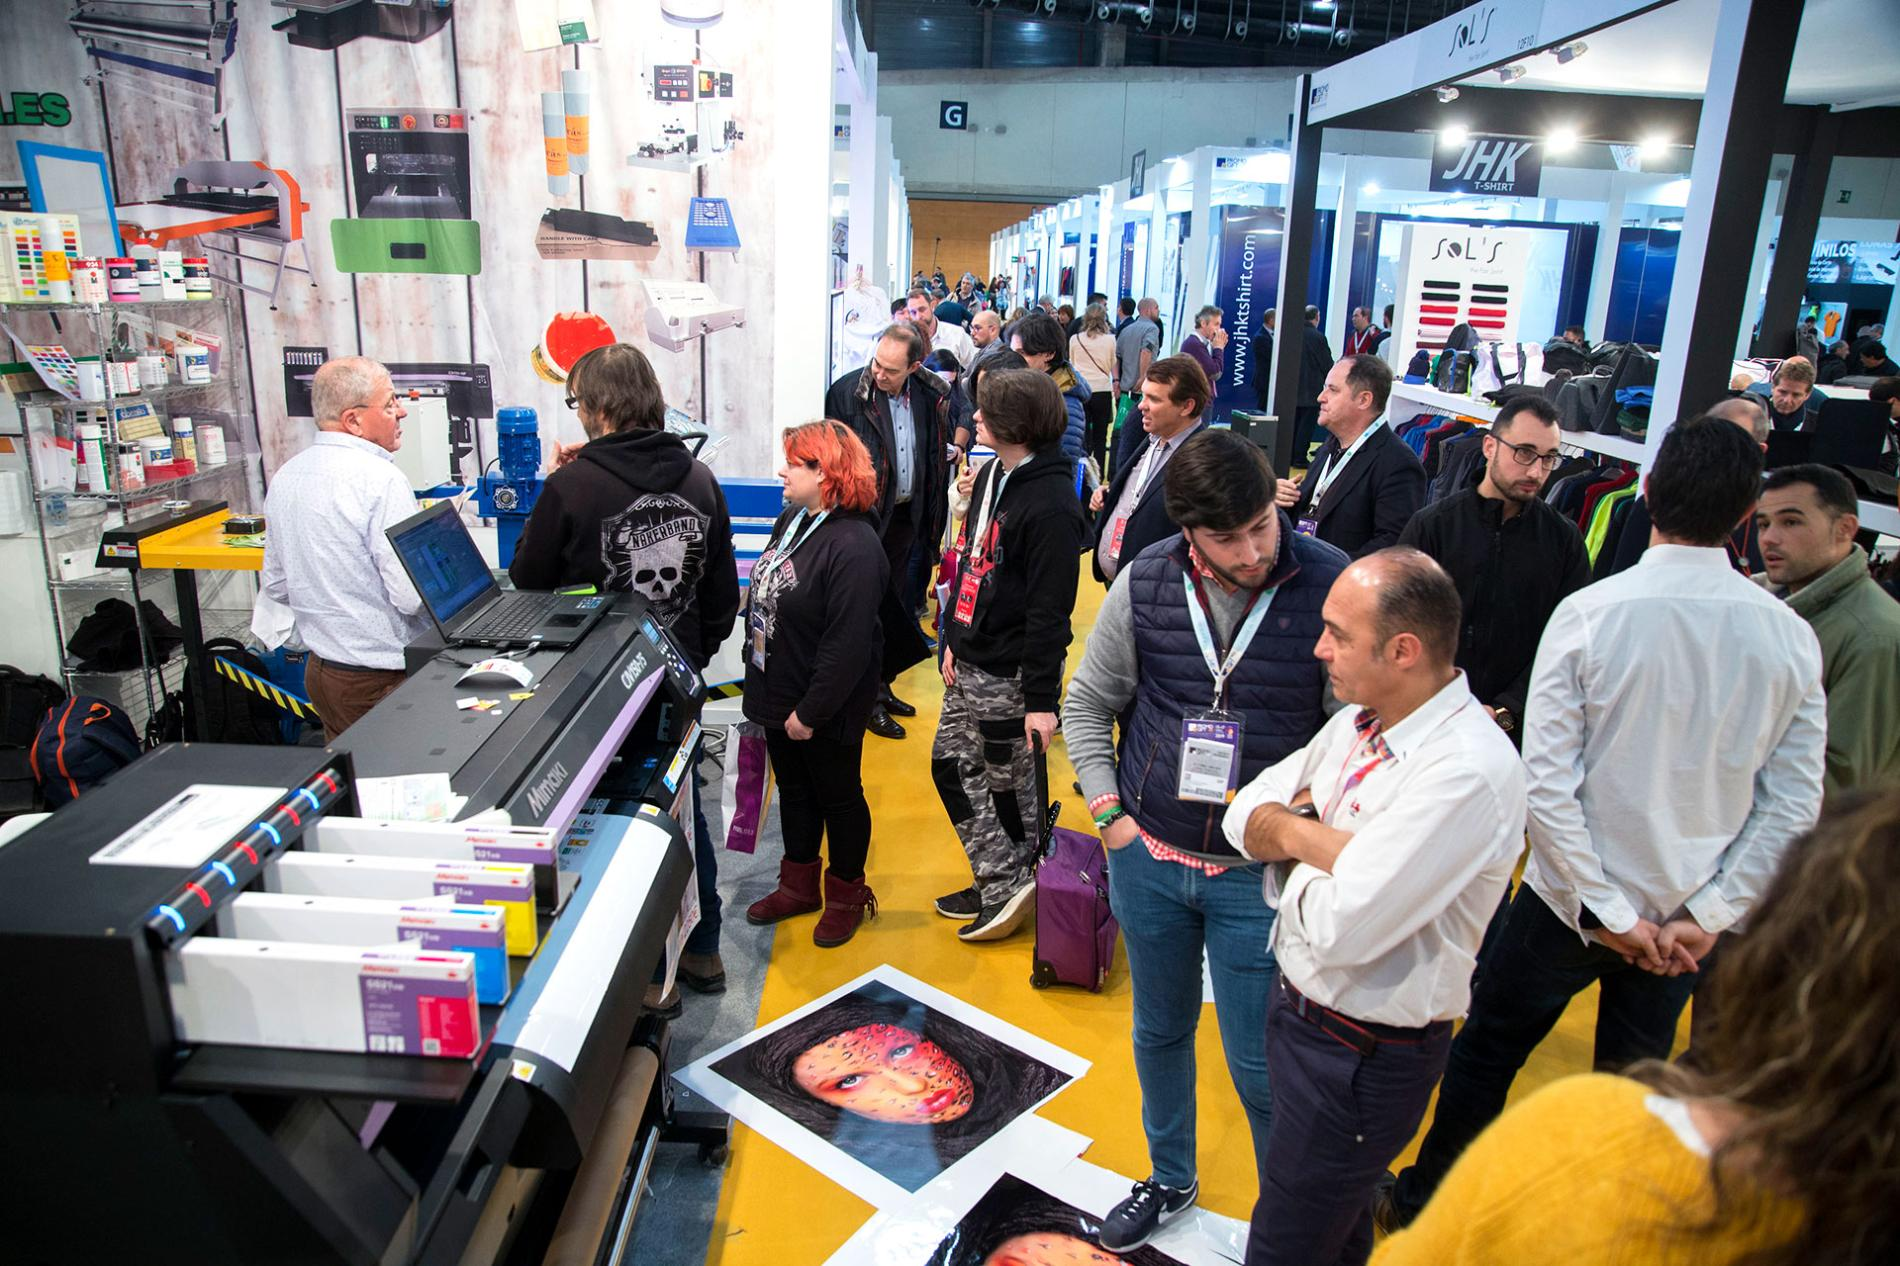 Visitantes frente a una maquina de impresión